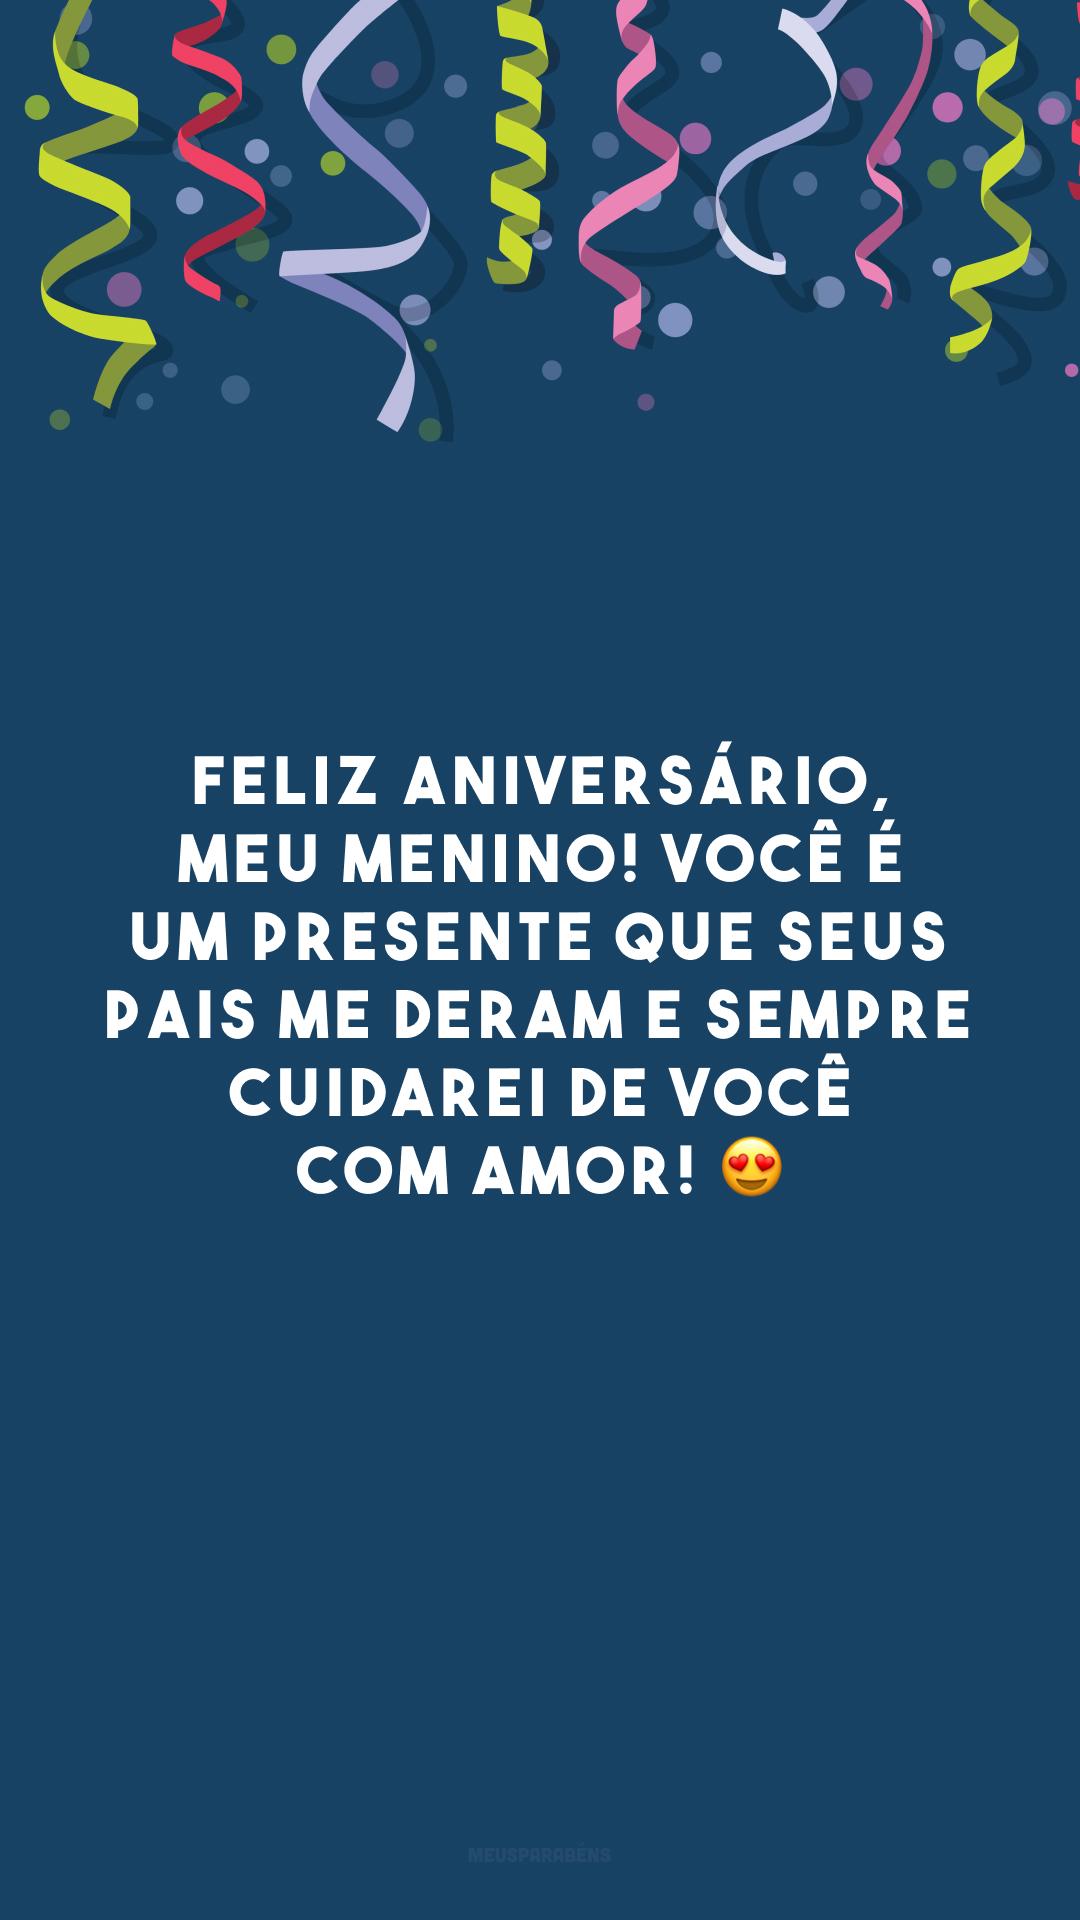 Feliz aniversário, meu menino! Você é um presente que seus pais me deram e sempre cuidarei de você com amor! 😍